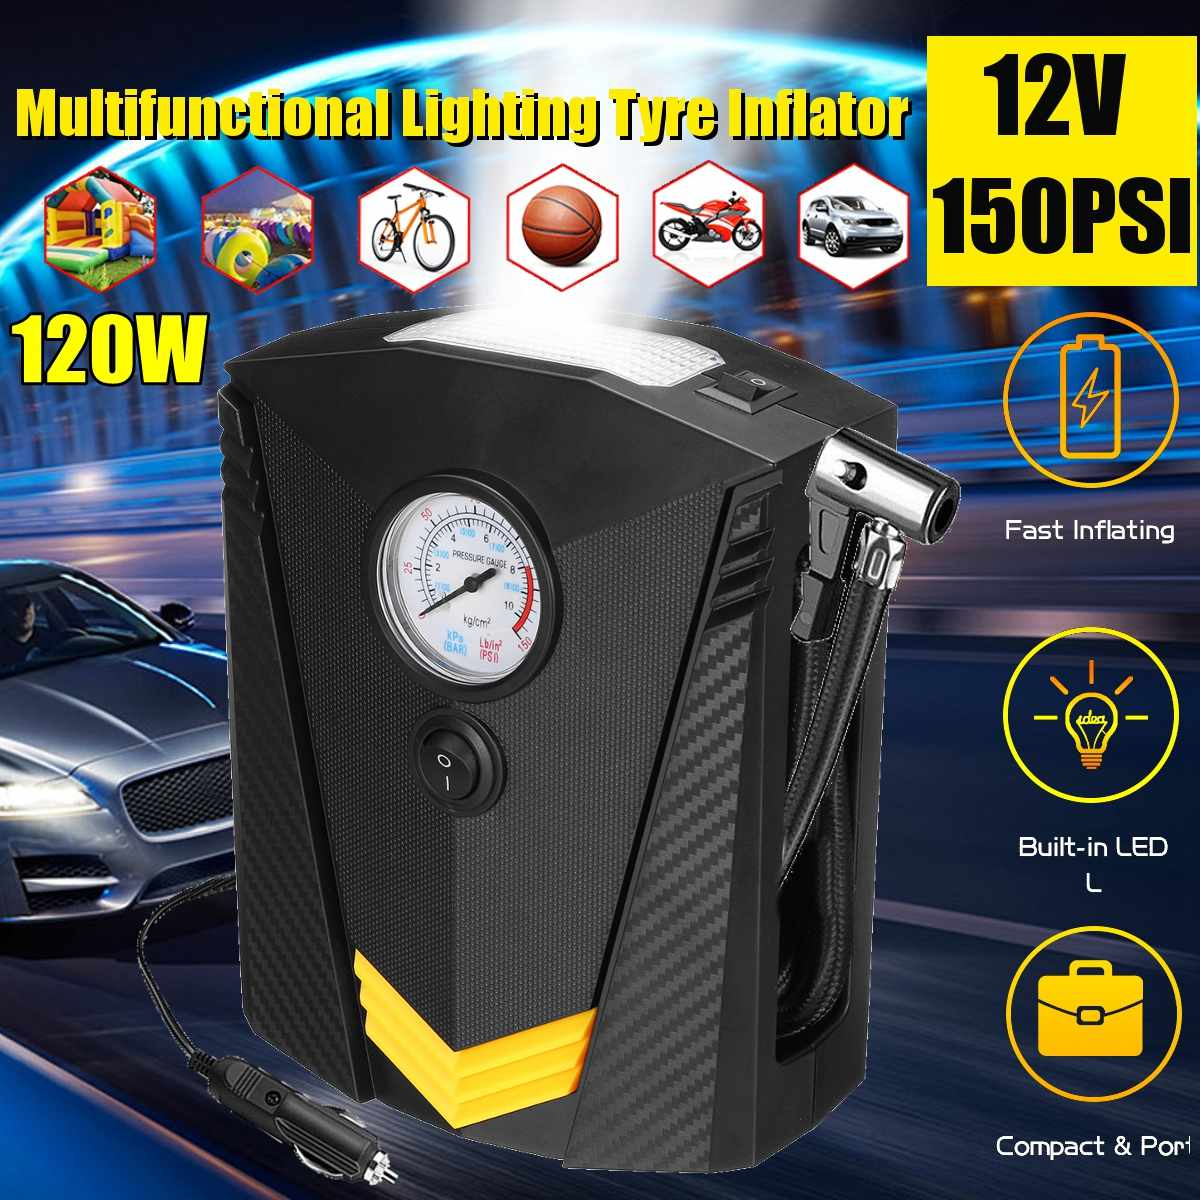 12V Car Digital Tire Inflator DC Portable Air Compressor Pump 150 PSI Car Air Compressor For Car Motorcycle LED Light Tire Pump